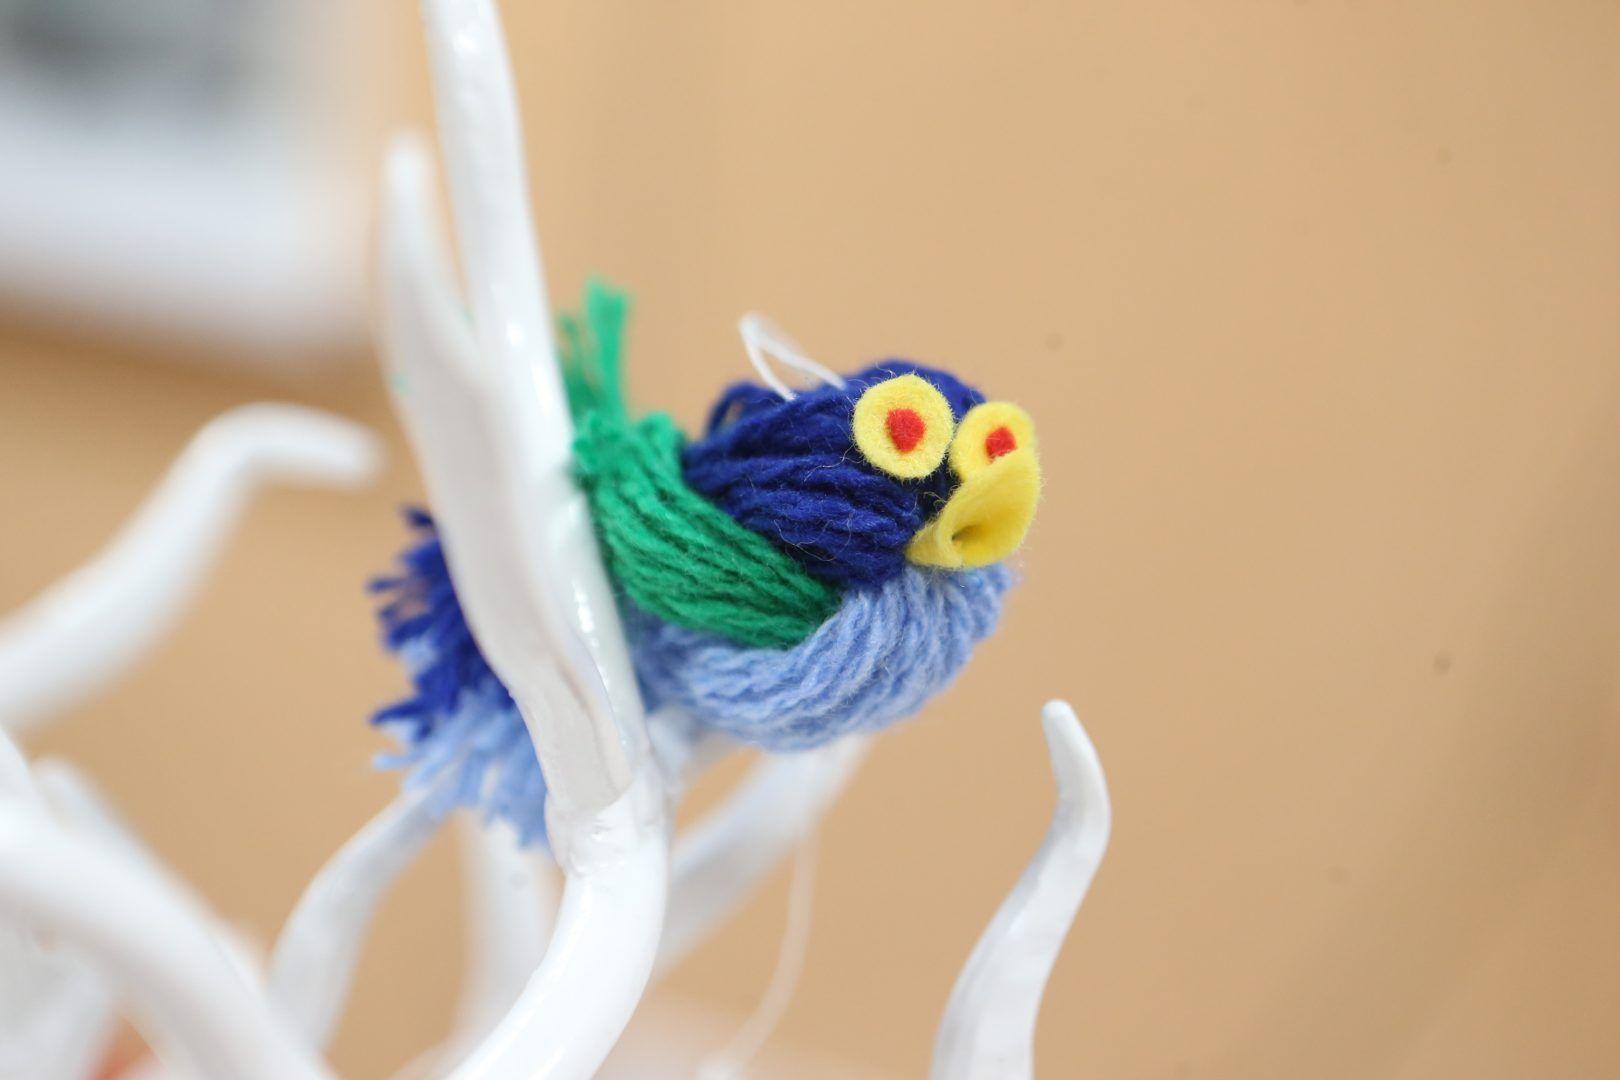 Таких птичек смастерили дети на занятии. Фото: Виктор Хабаров